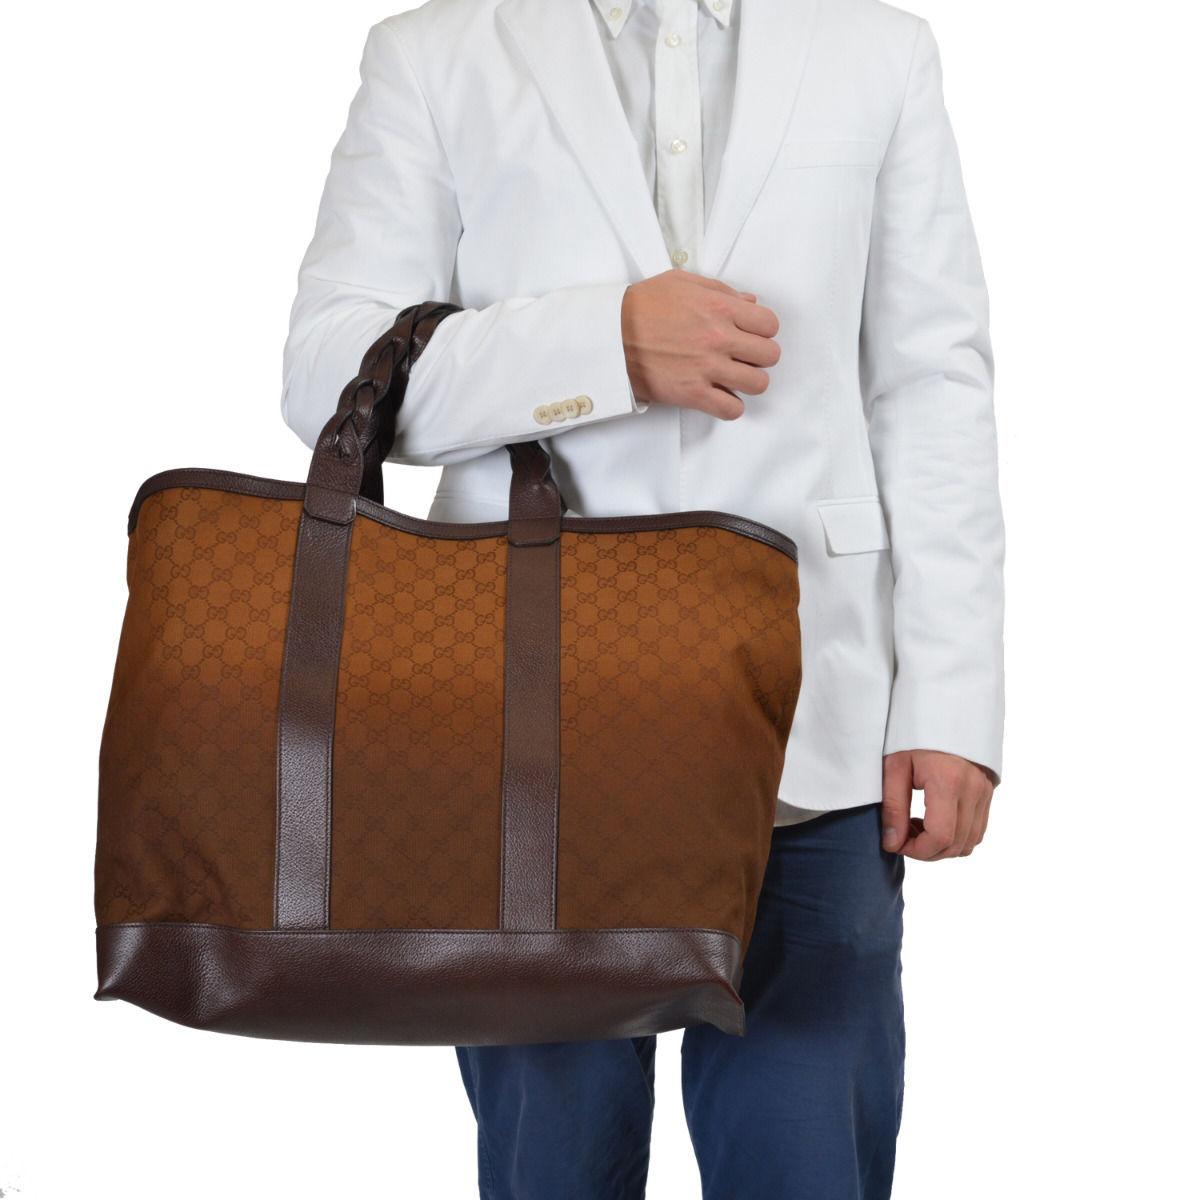 f413e945ed9 Gucci Men's Leather Trimmed GG Print Large Tote Shoulder Bag Handbag 1